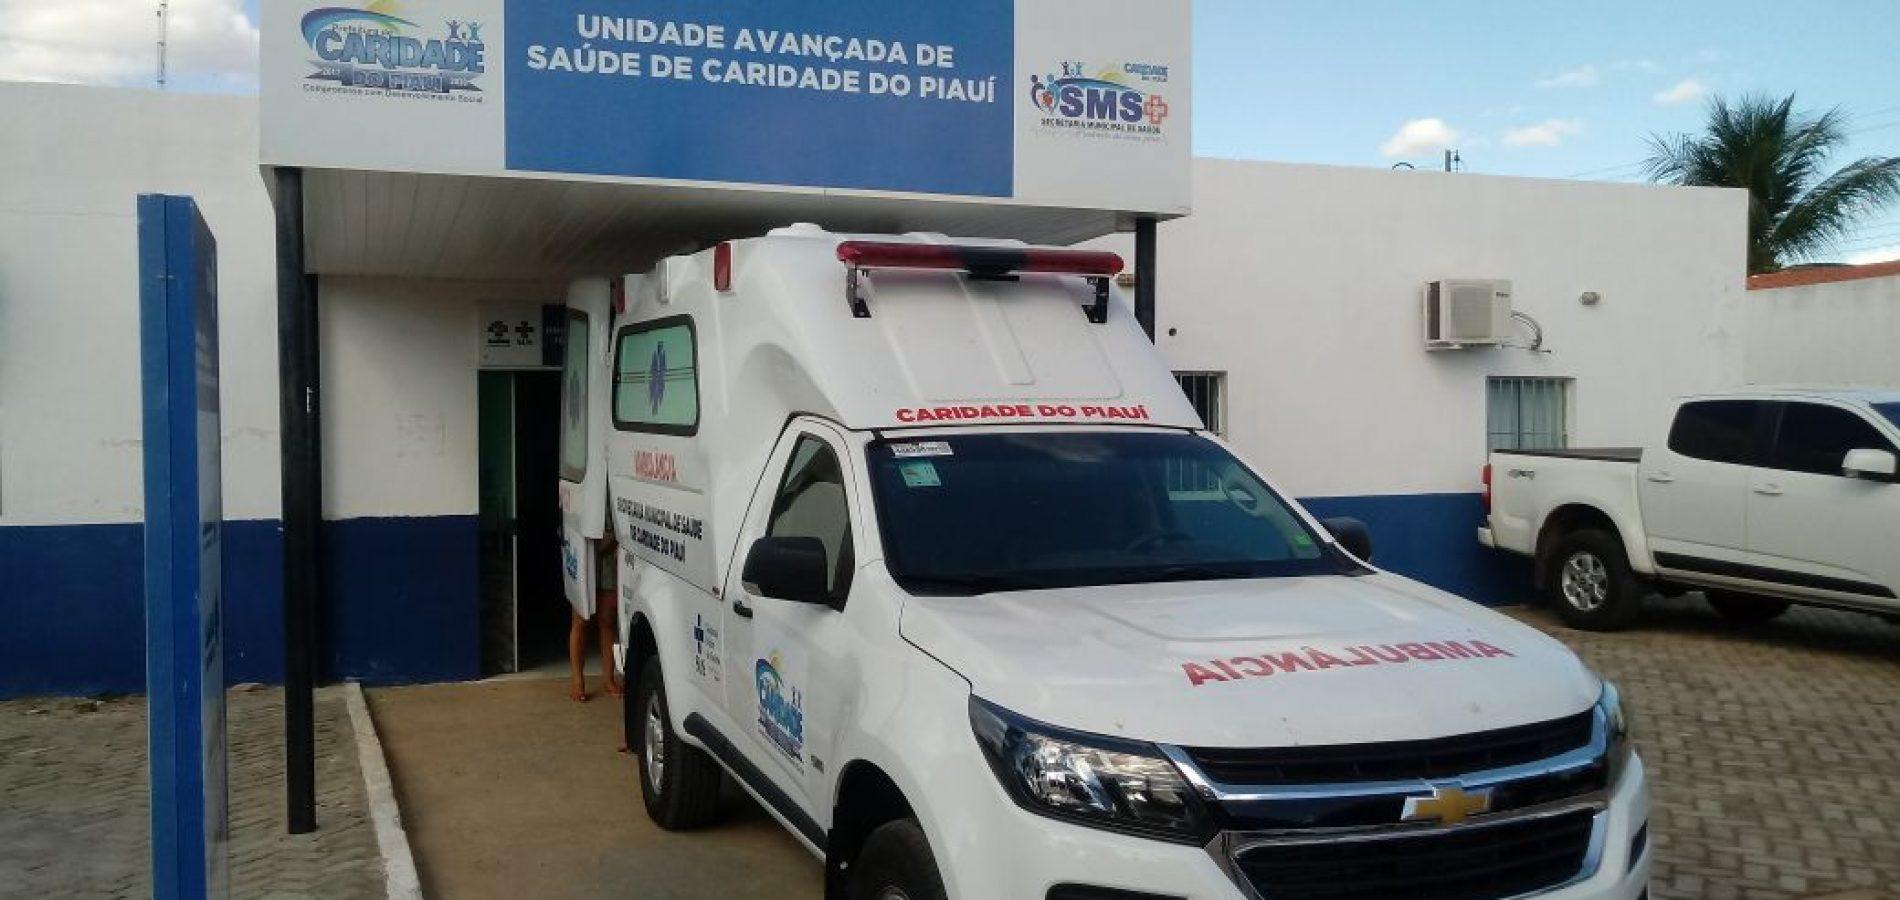 Prefeito Toninho entrega nova ambulância em Caridade do Piauí e anuncia mais conquistas